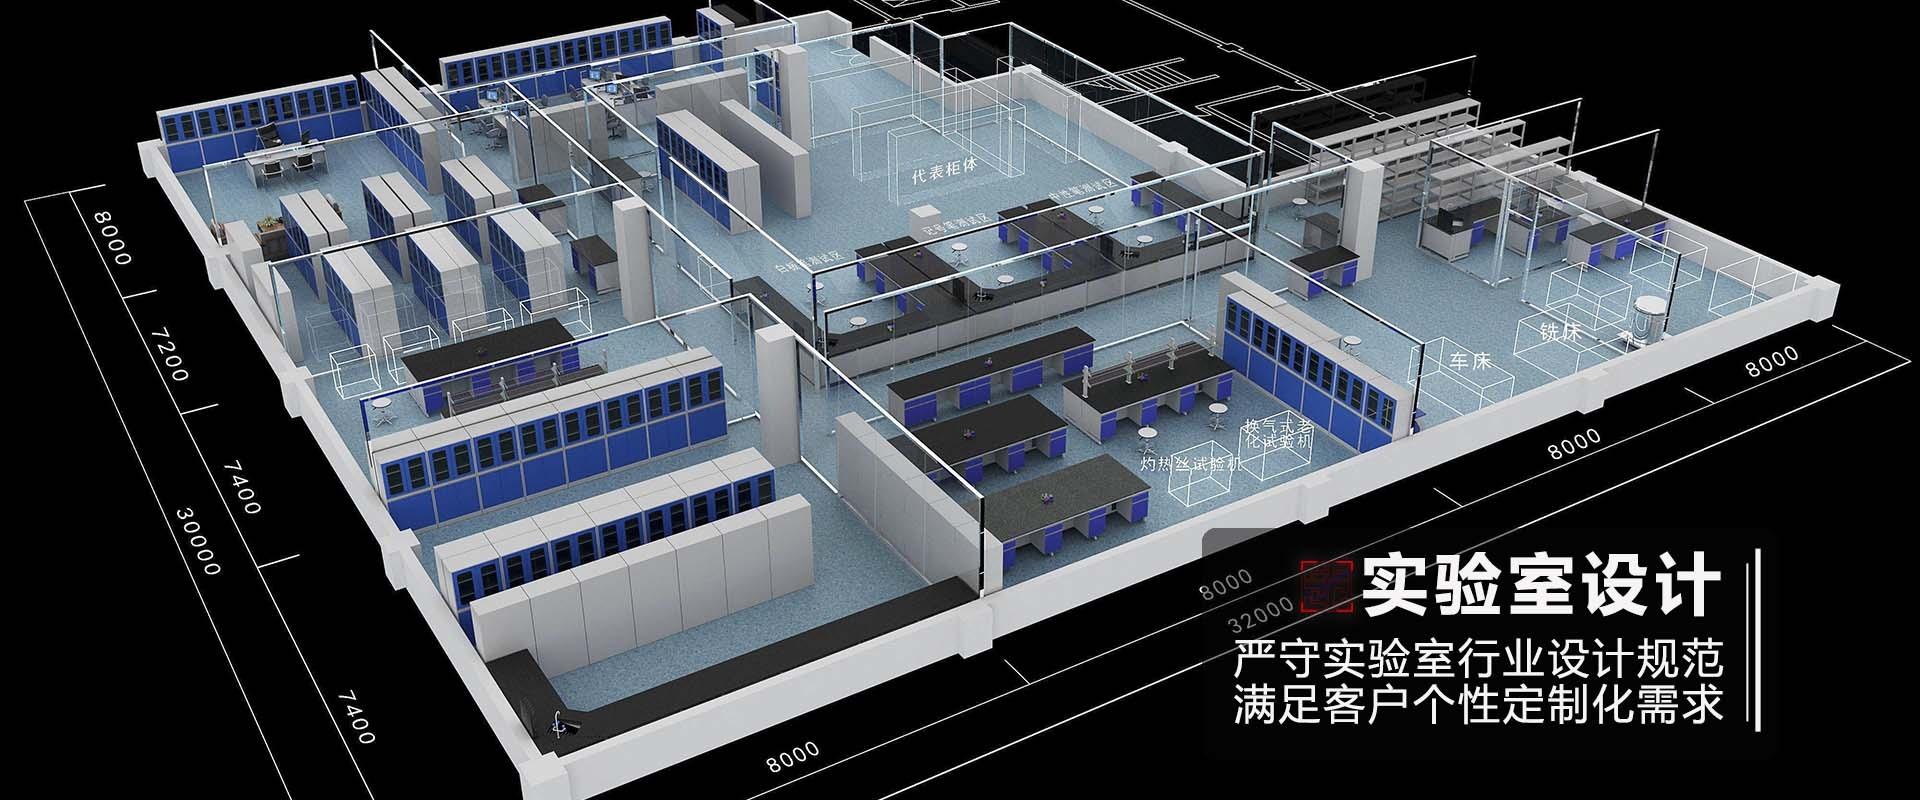 深圳华安实验室建设幻灯片2